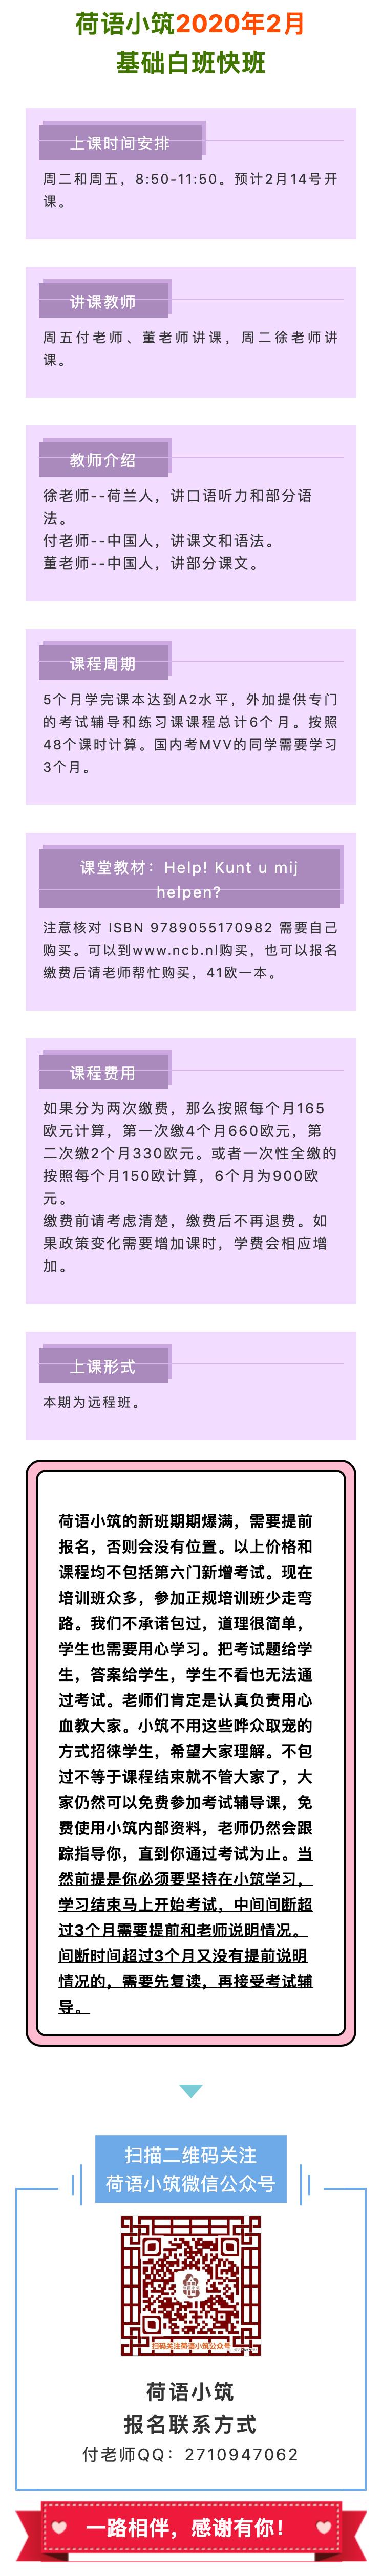 【荷语小筑】2020年2月基础白班快班开始占位啦!